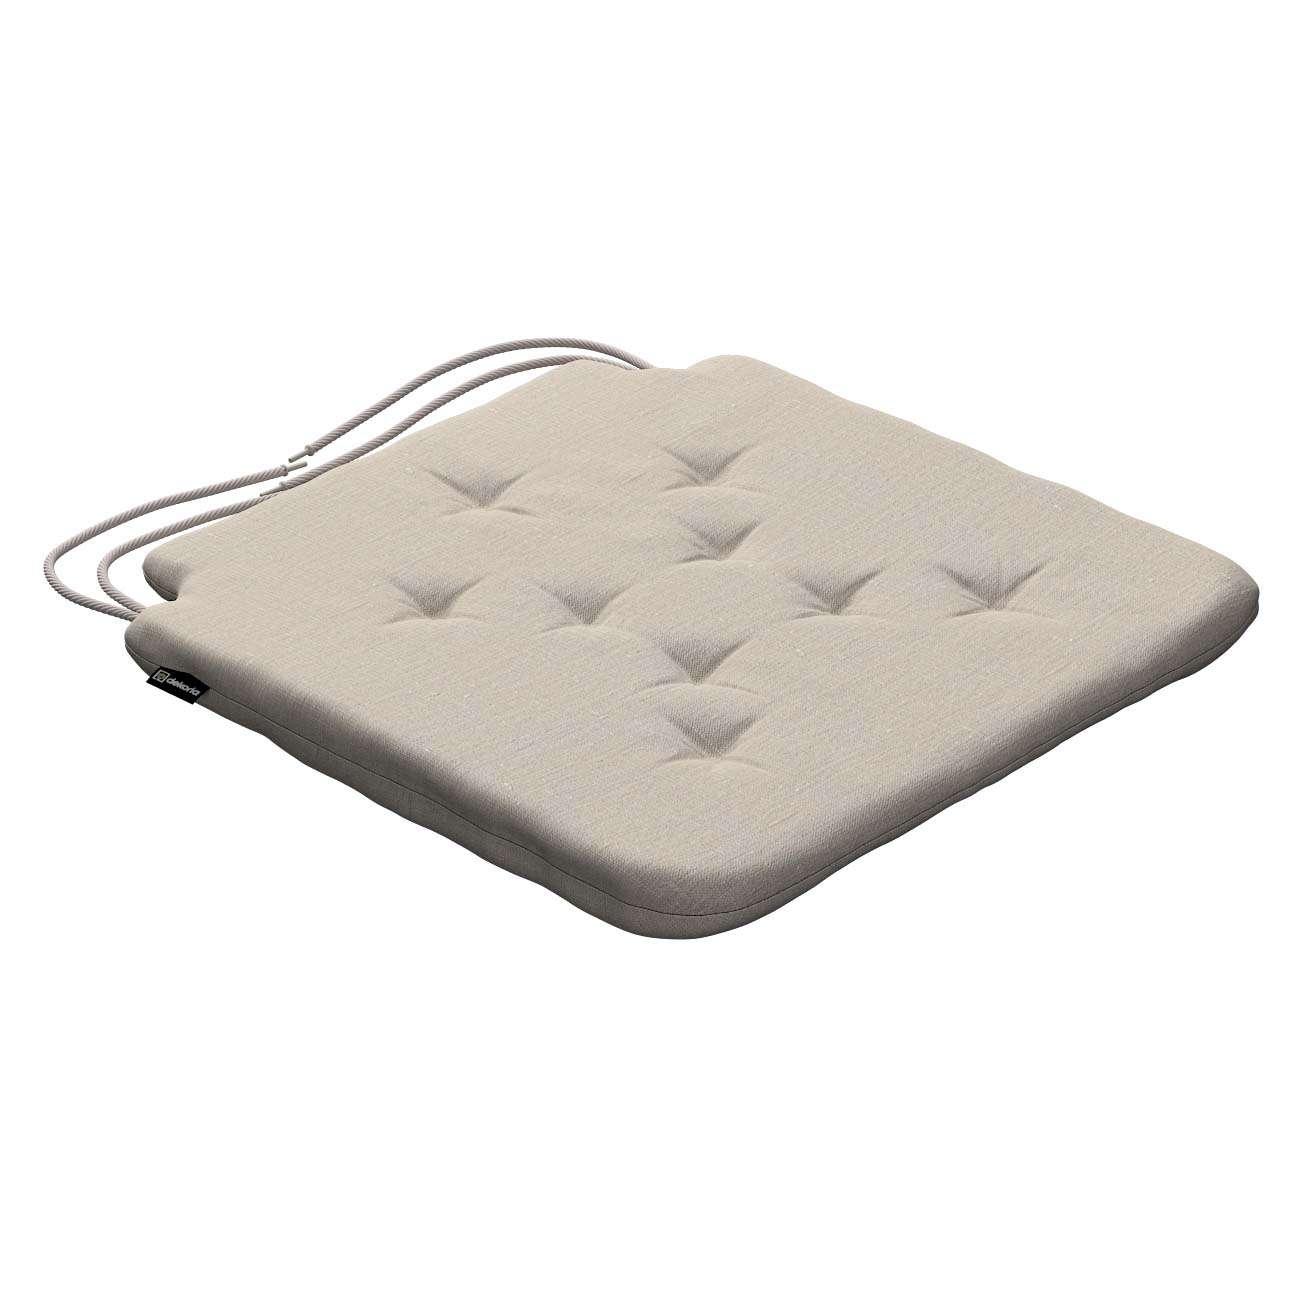 Siedzisko Olek na krzesło 42x41x3,5cm w kolekcji Linen, tkanina: 392-05